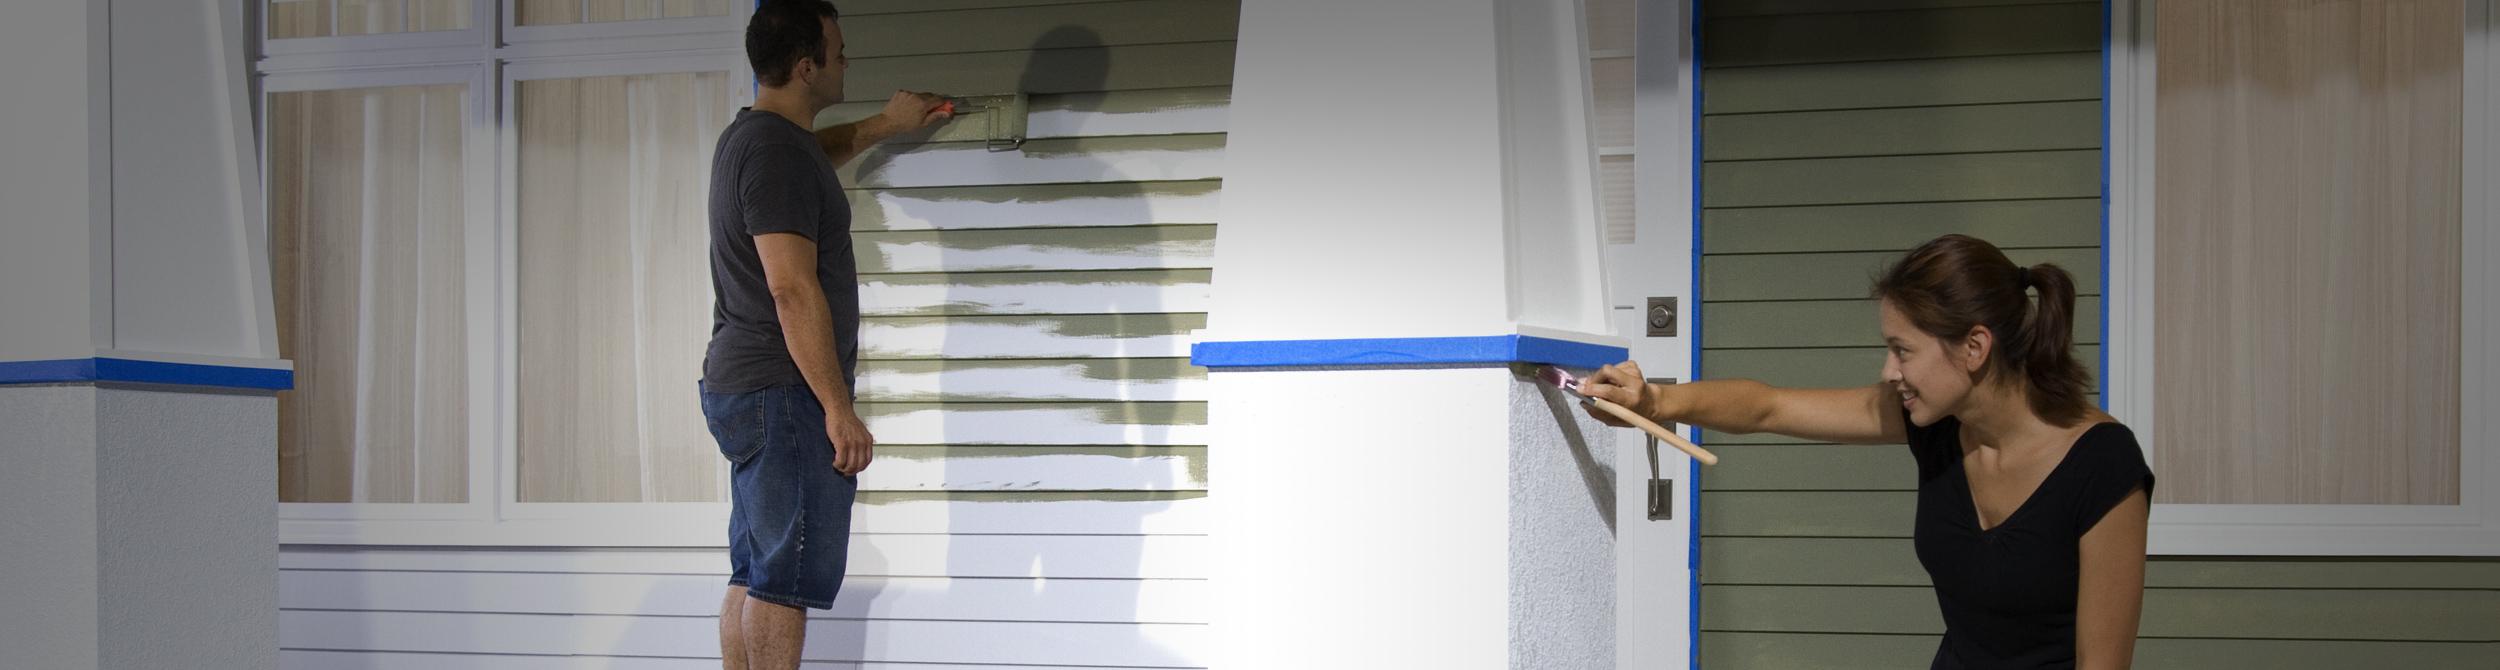 Un homme et une femme qui peinturent l'extérieur d'une maison.